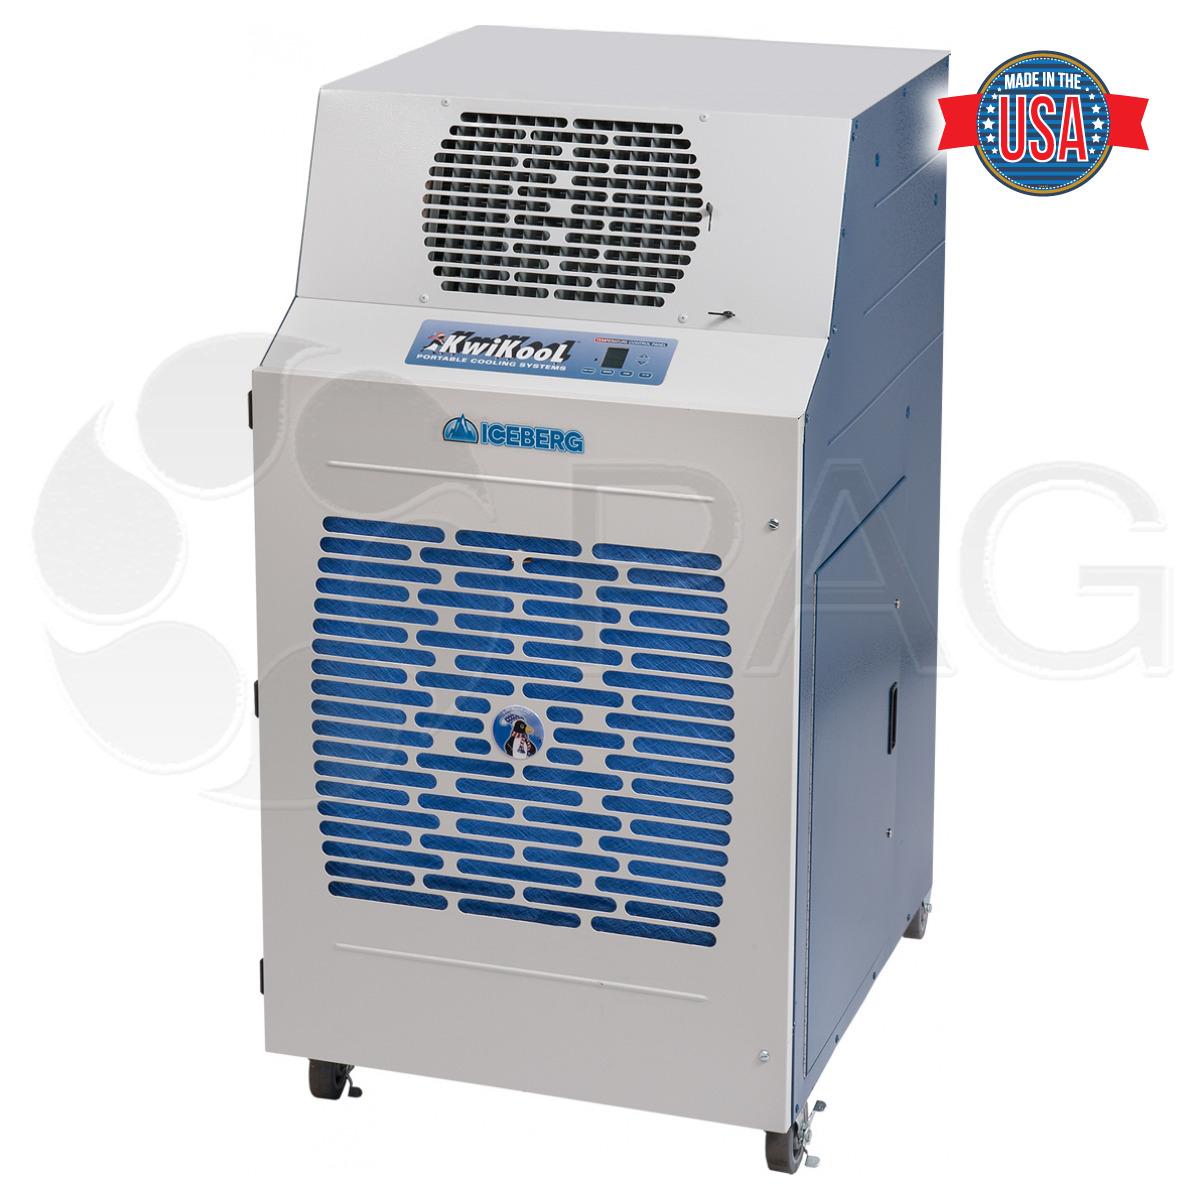 KwiKool KWIB6021 and KWIB6023 and KWIB6043 Portable Air Conditioner